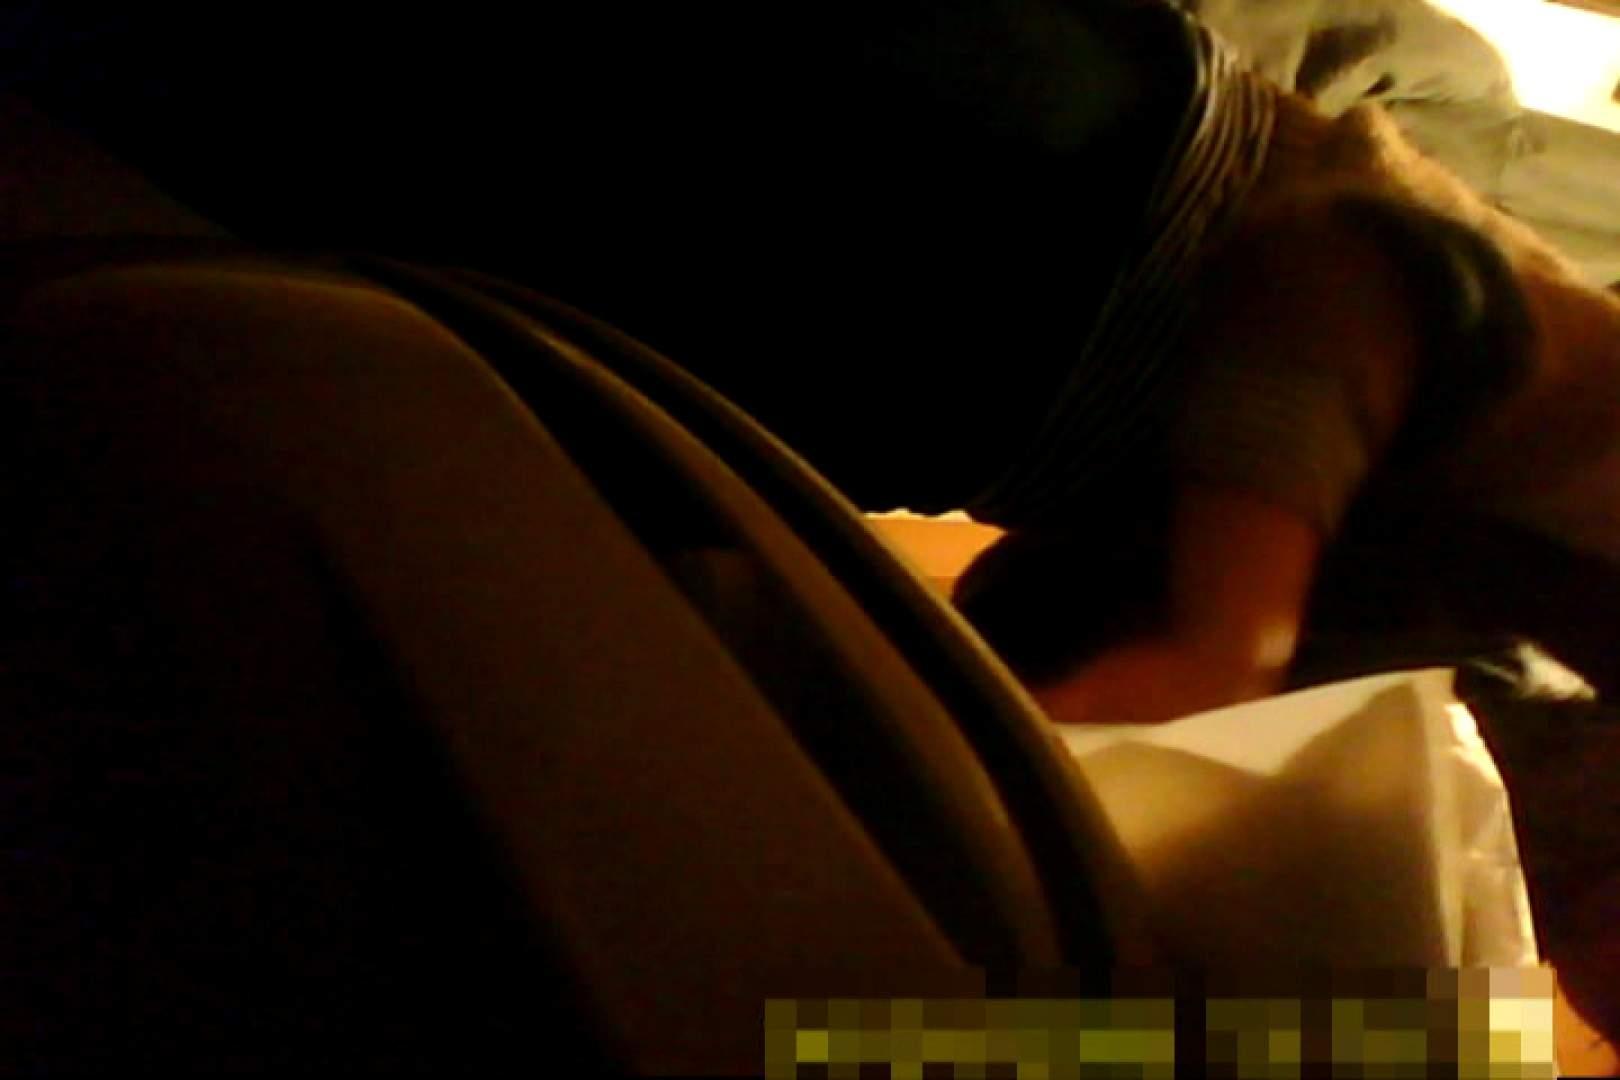 魅惑の化粧室~禁断のプライベート空間~16 プライベート 濡れ場動画紹介 91枚 53